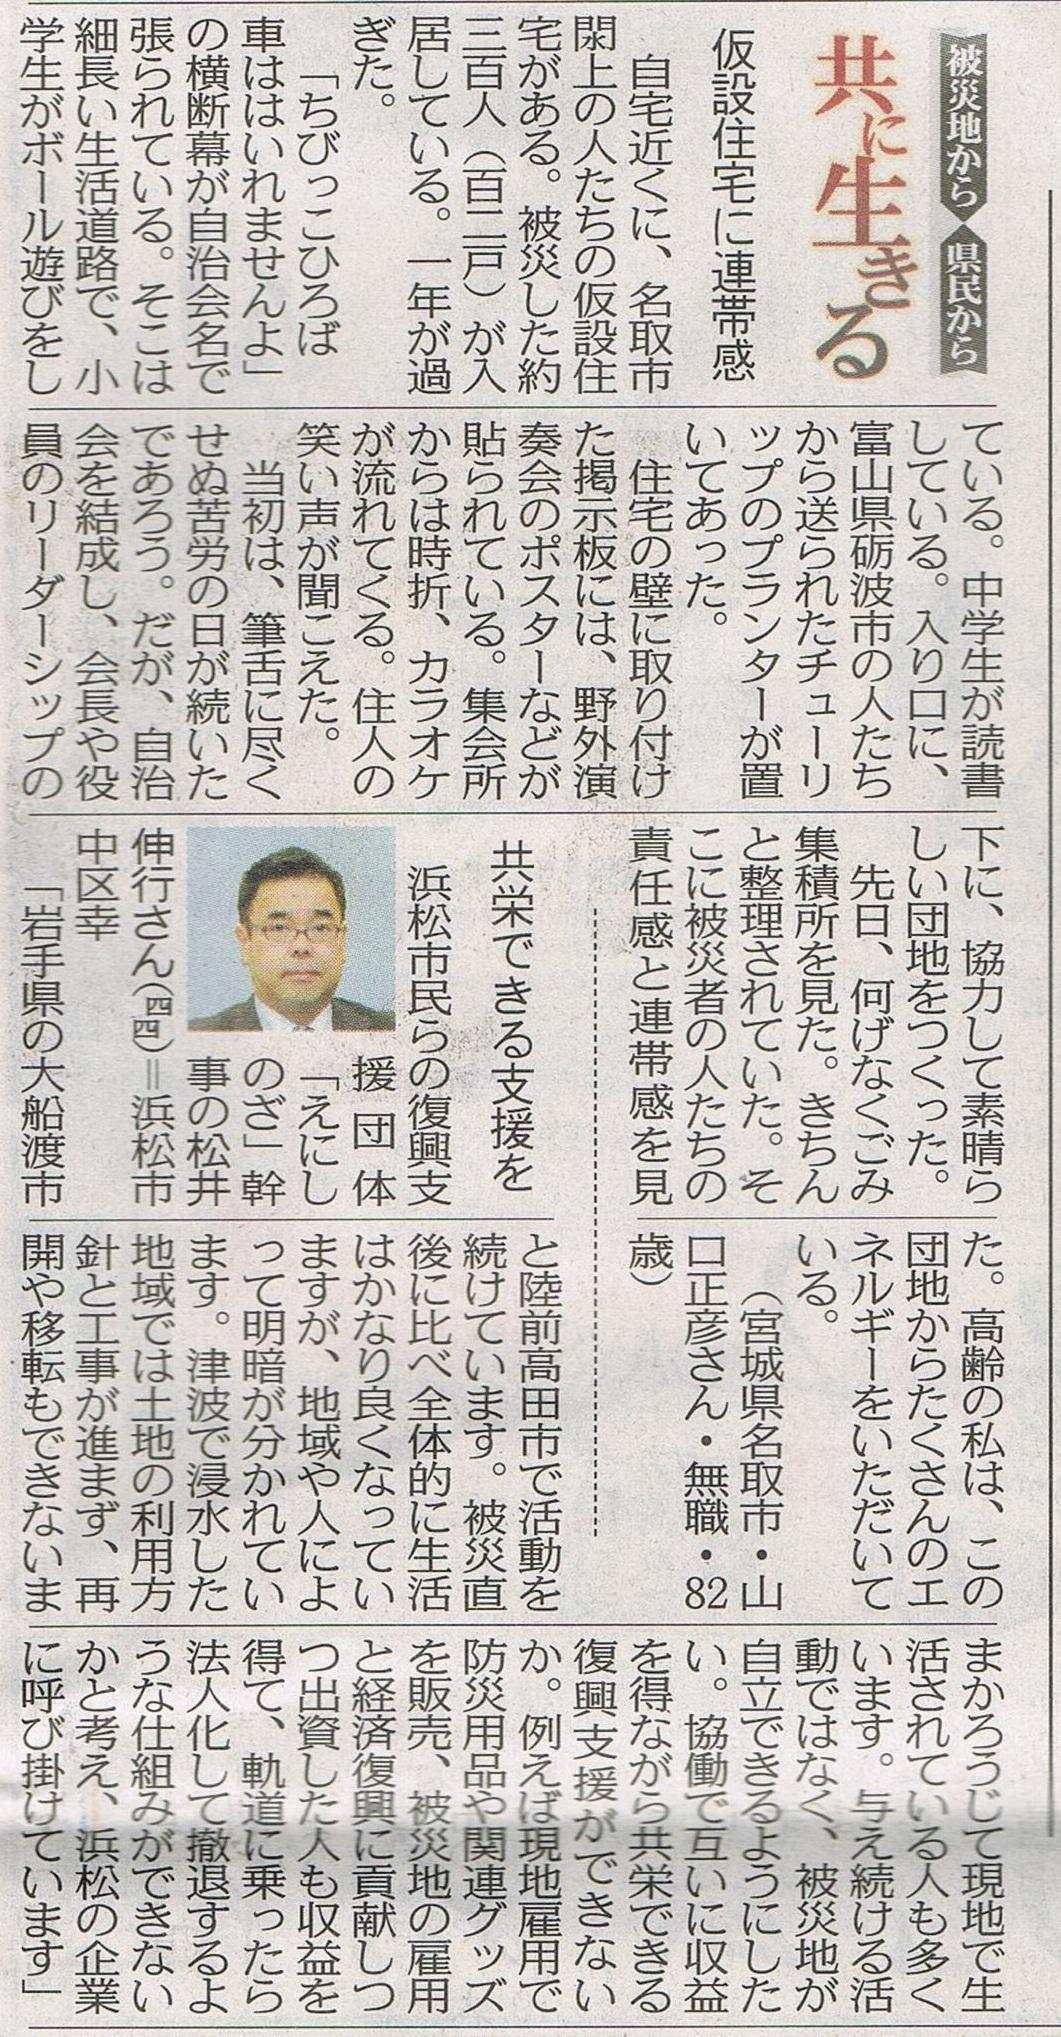 5月19日 中日新聞.jpg